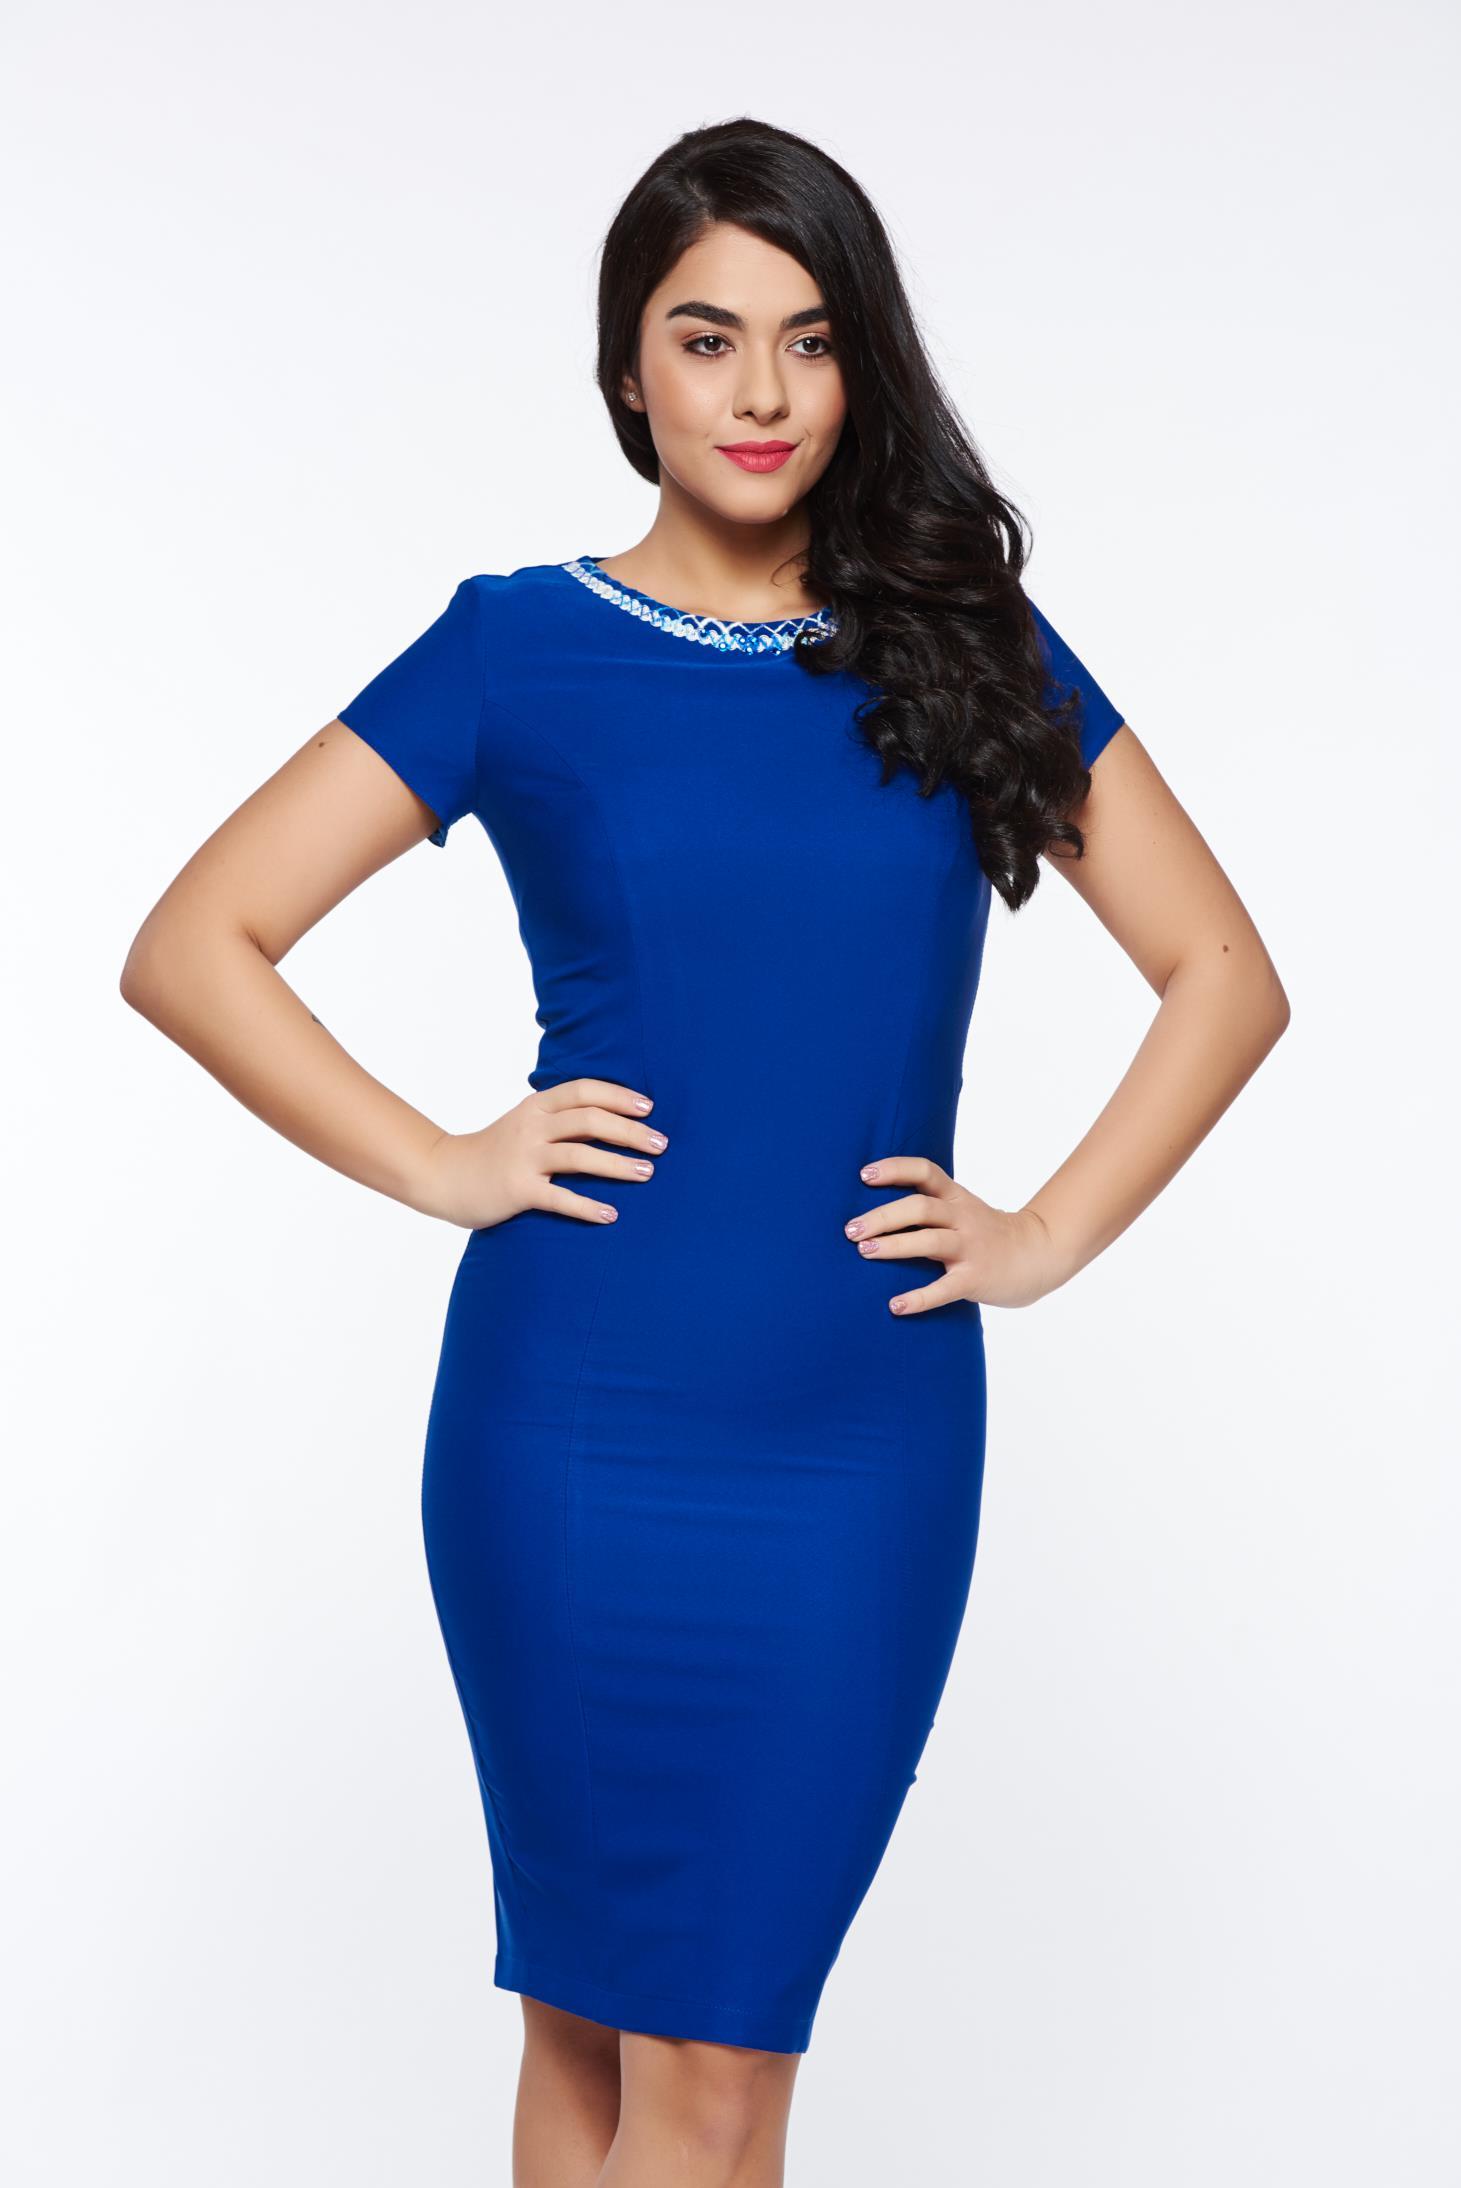 e9a275a2a2e3 LaDonna blue elegant pencil dress slightly elastic fabric with inside ...